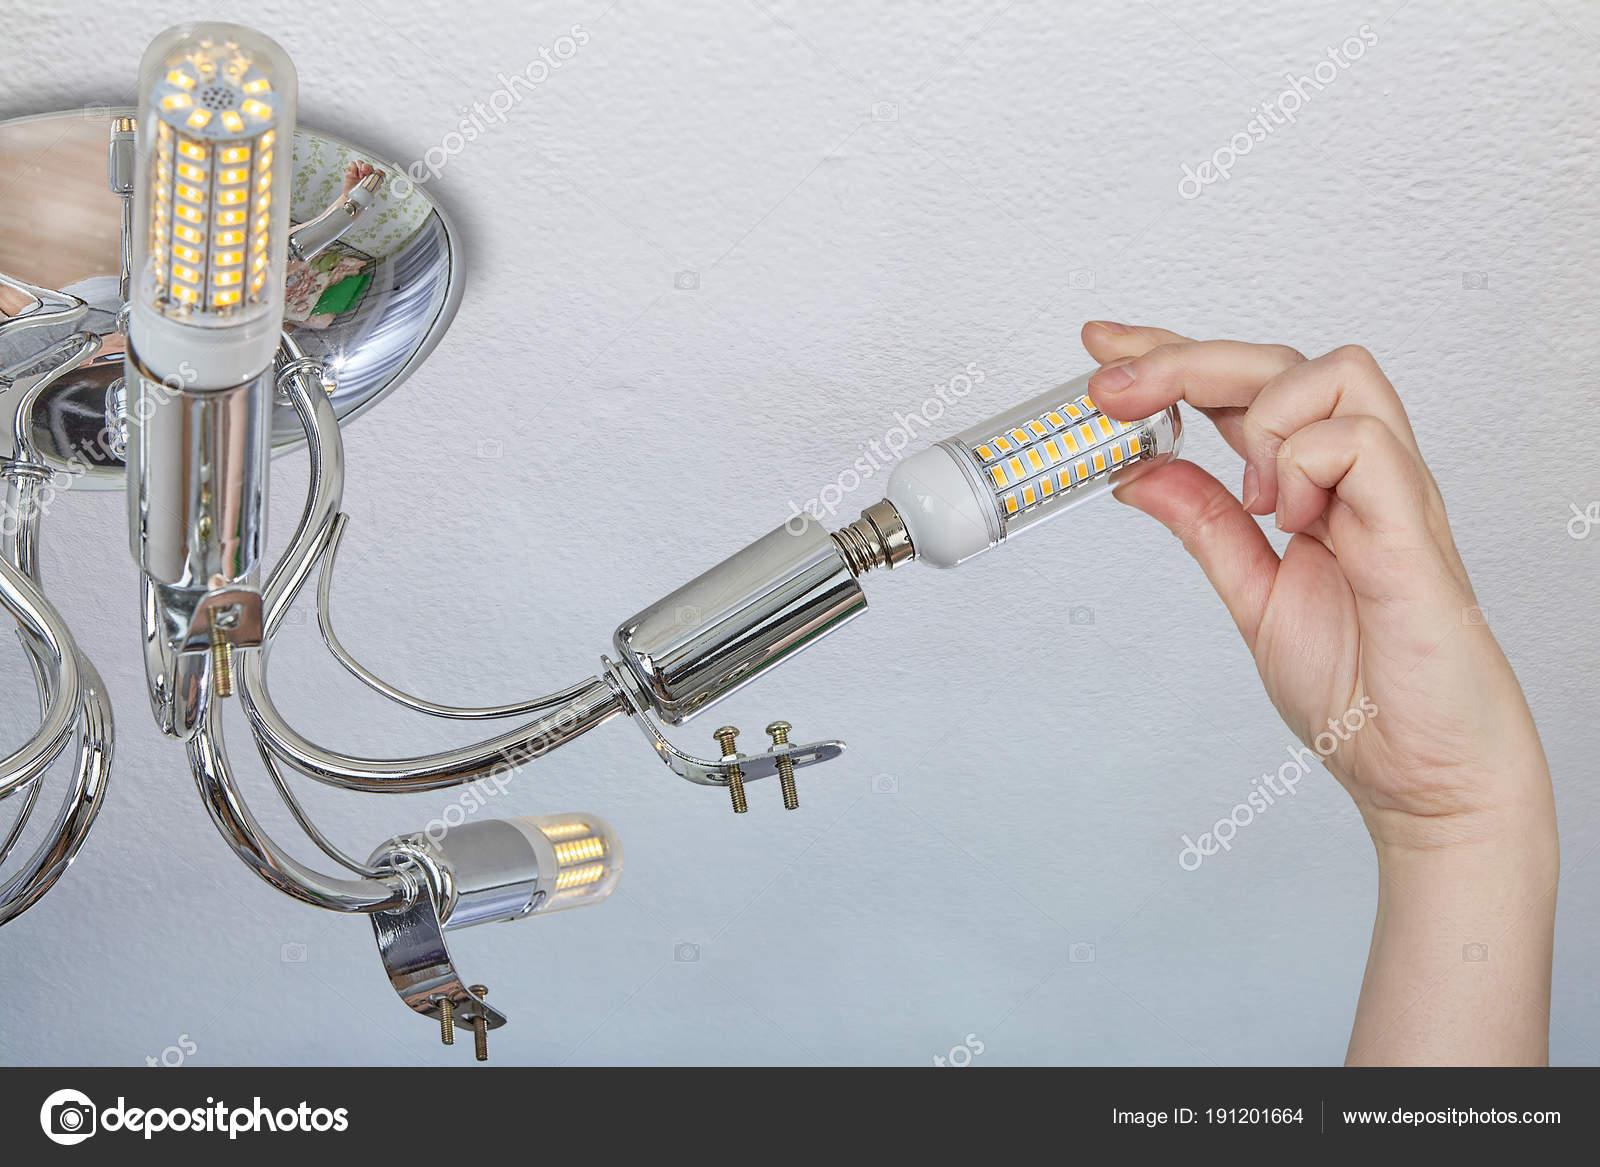 Installatie van Led-lampjes van de maïs in een huishoudelijke ...